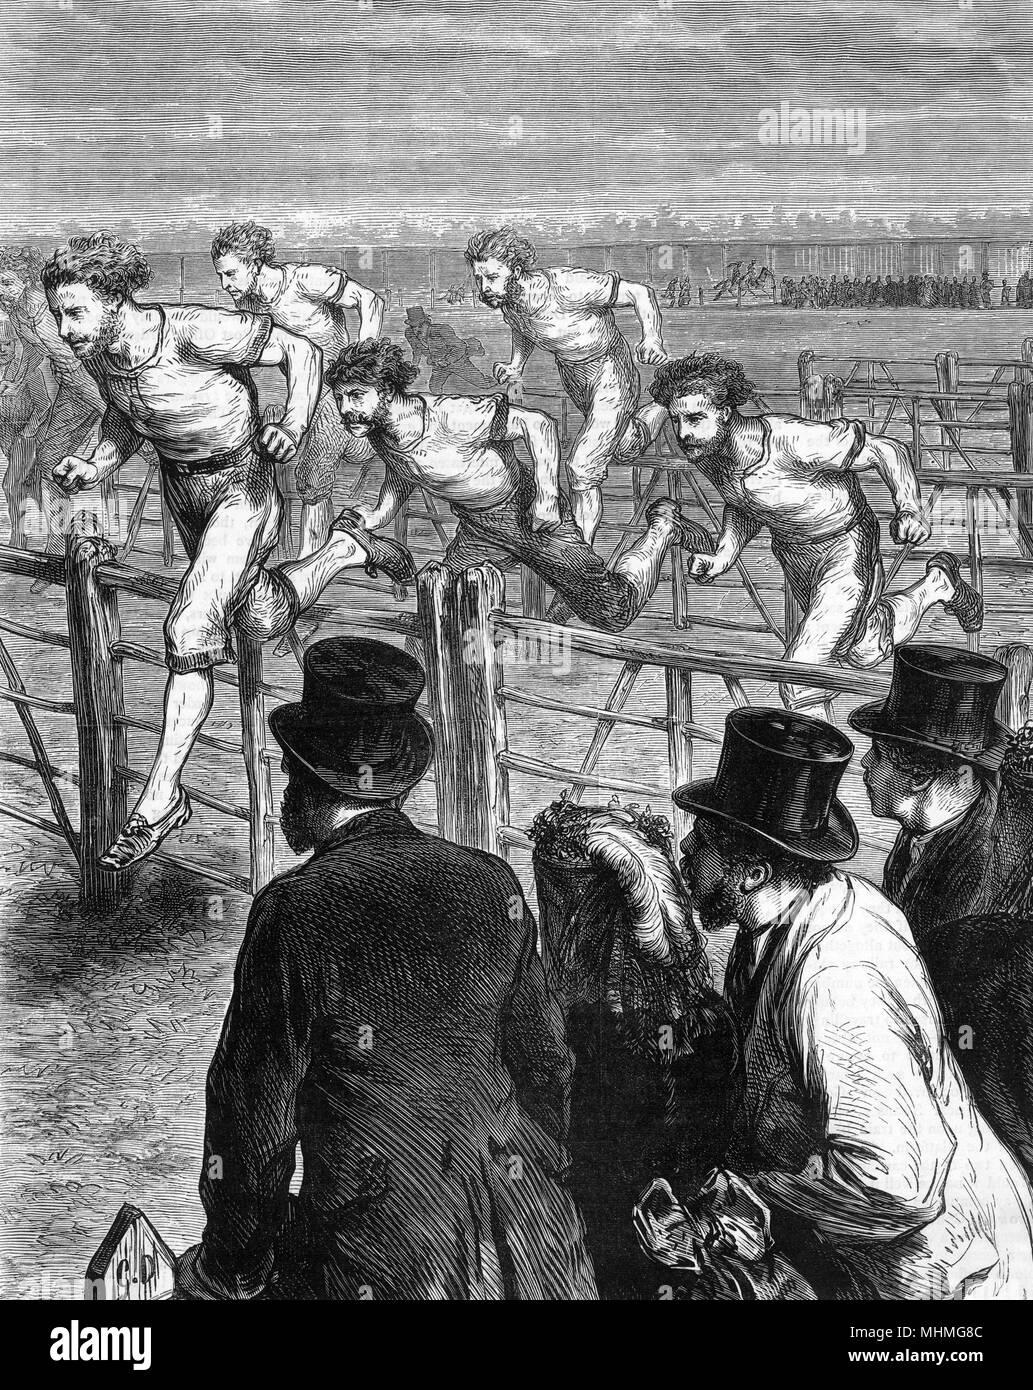 Eine Hürde Rennen in die Brompton, London. Datum: 1871 Stockbild